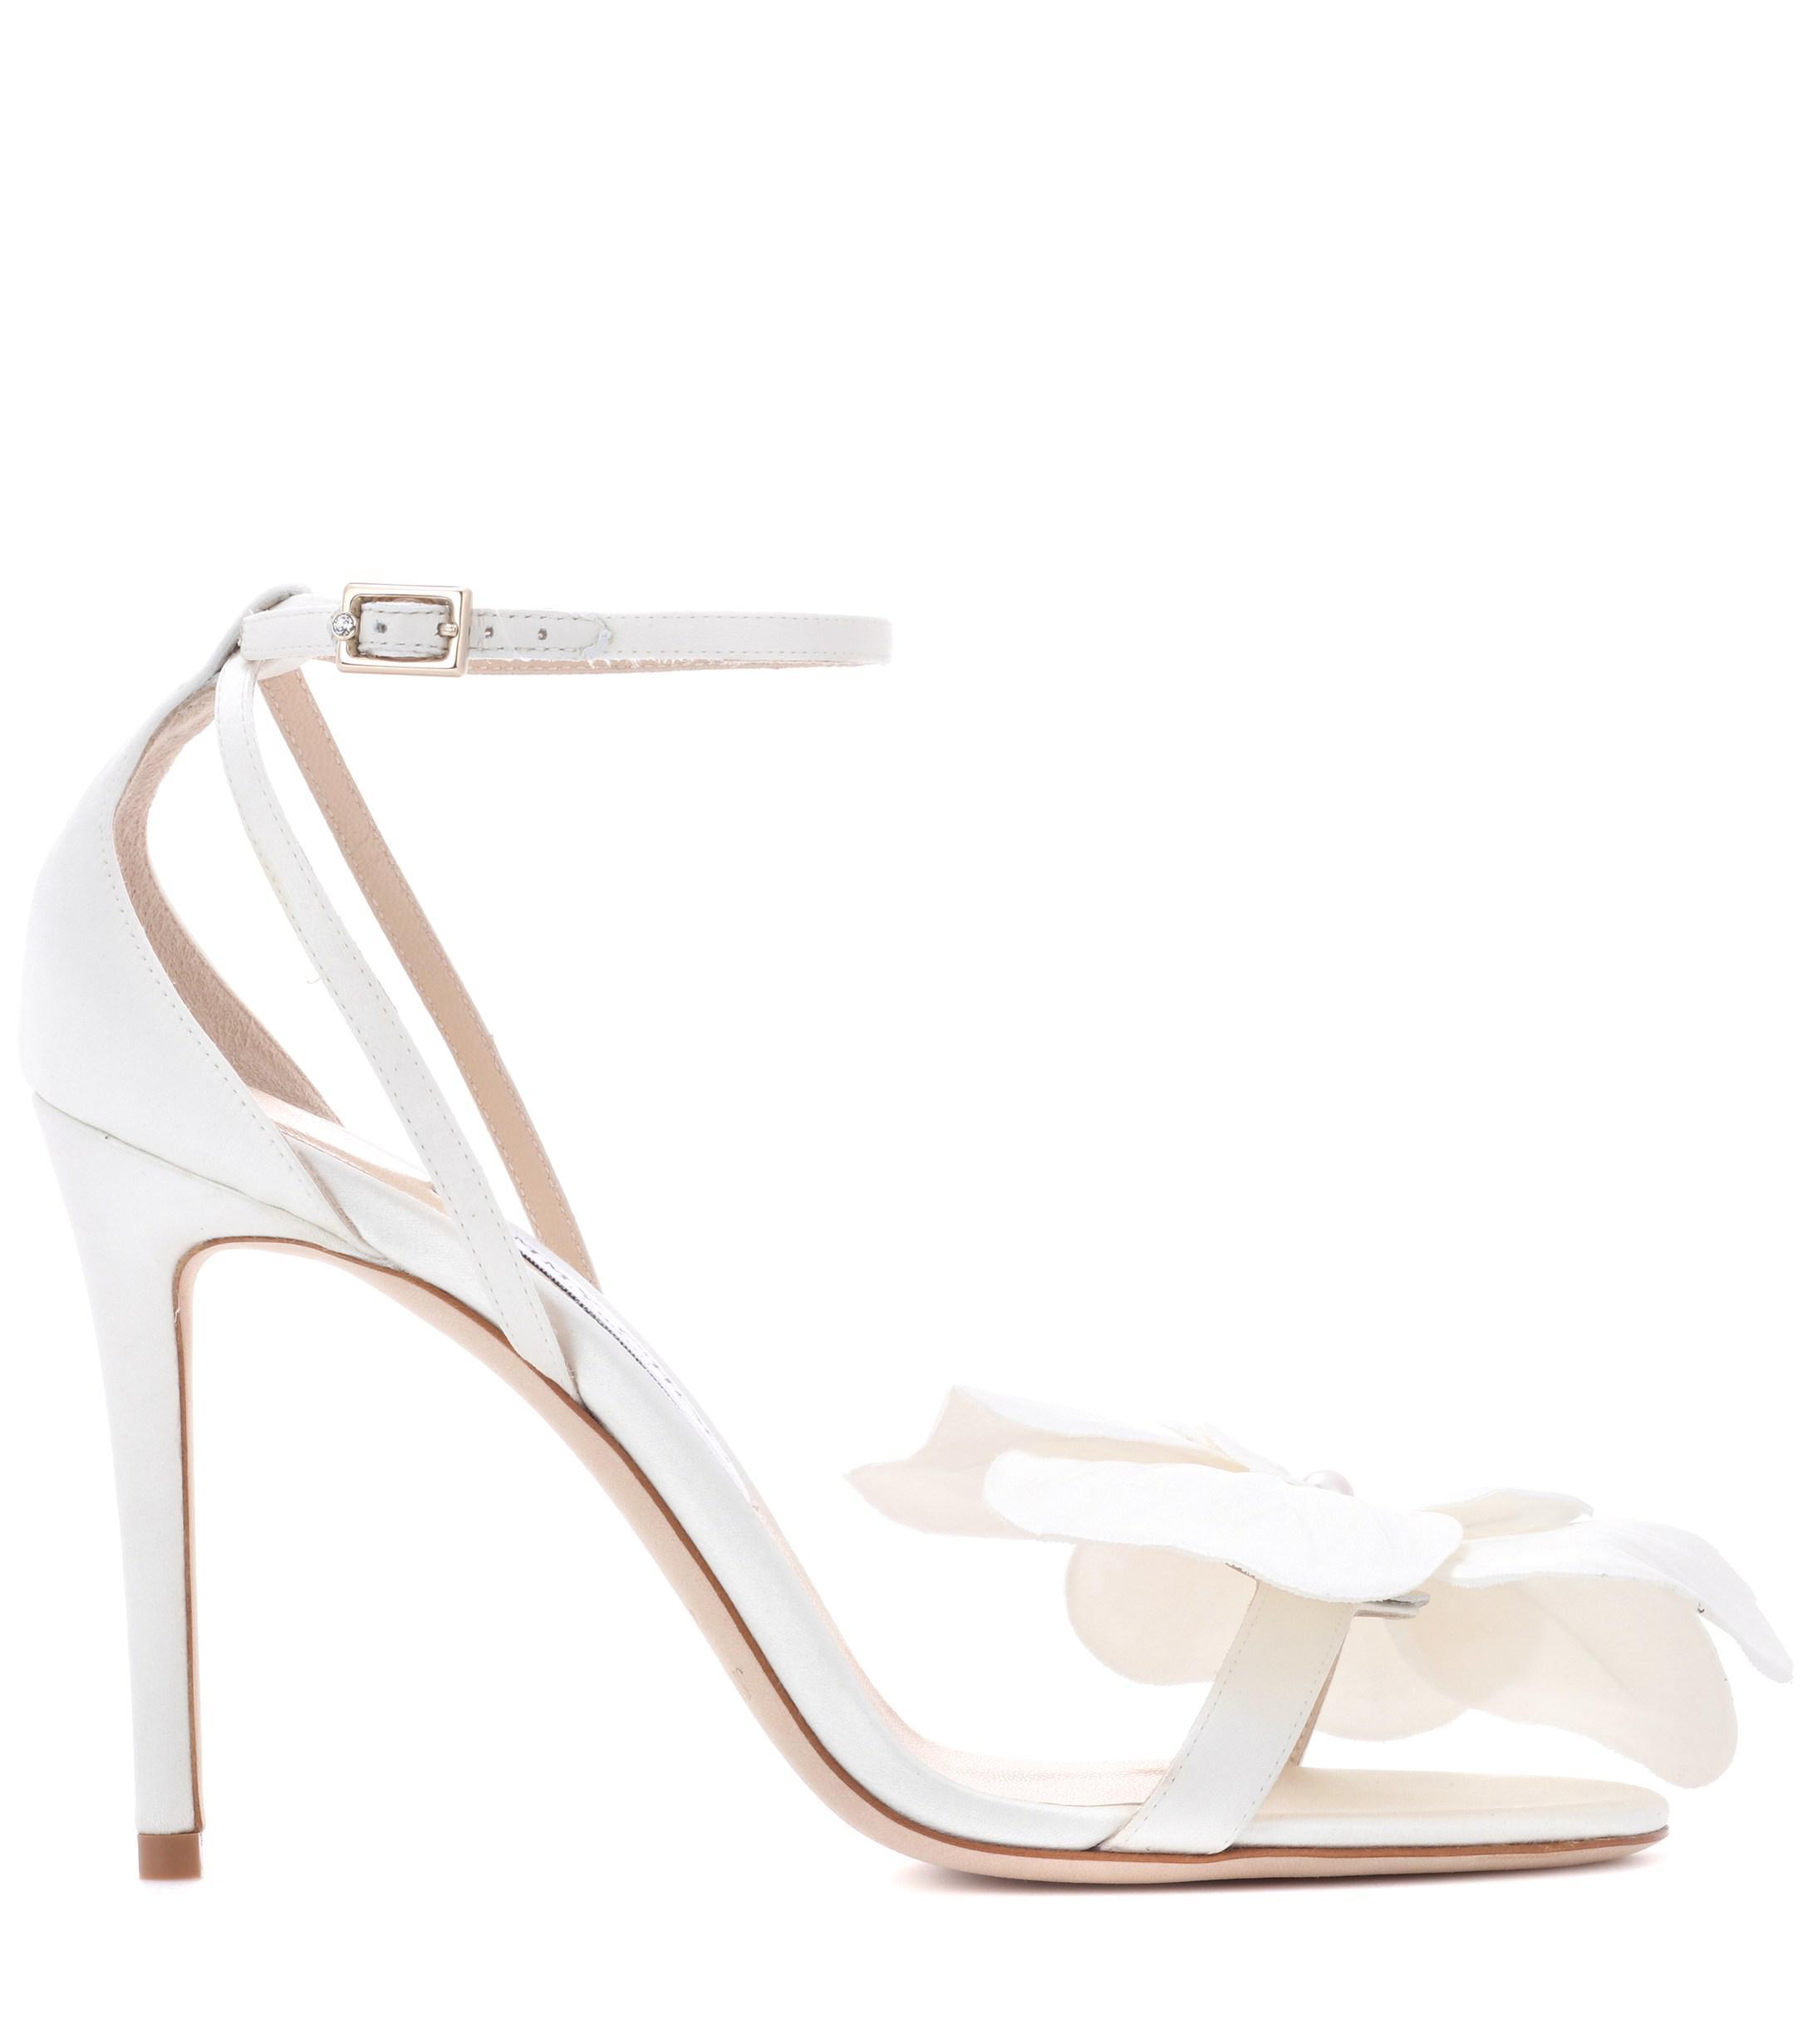 Blanco De Aurelia Color 100 Mujer Sandalias WY9IEDH2